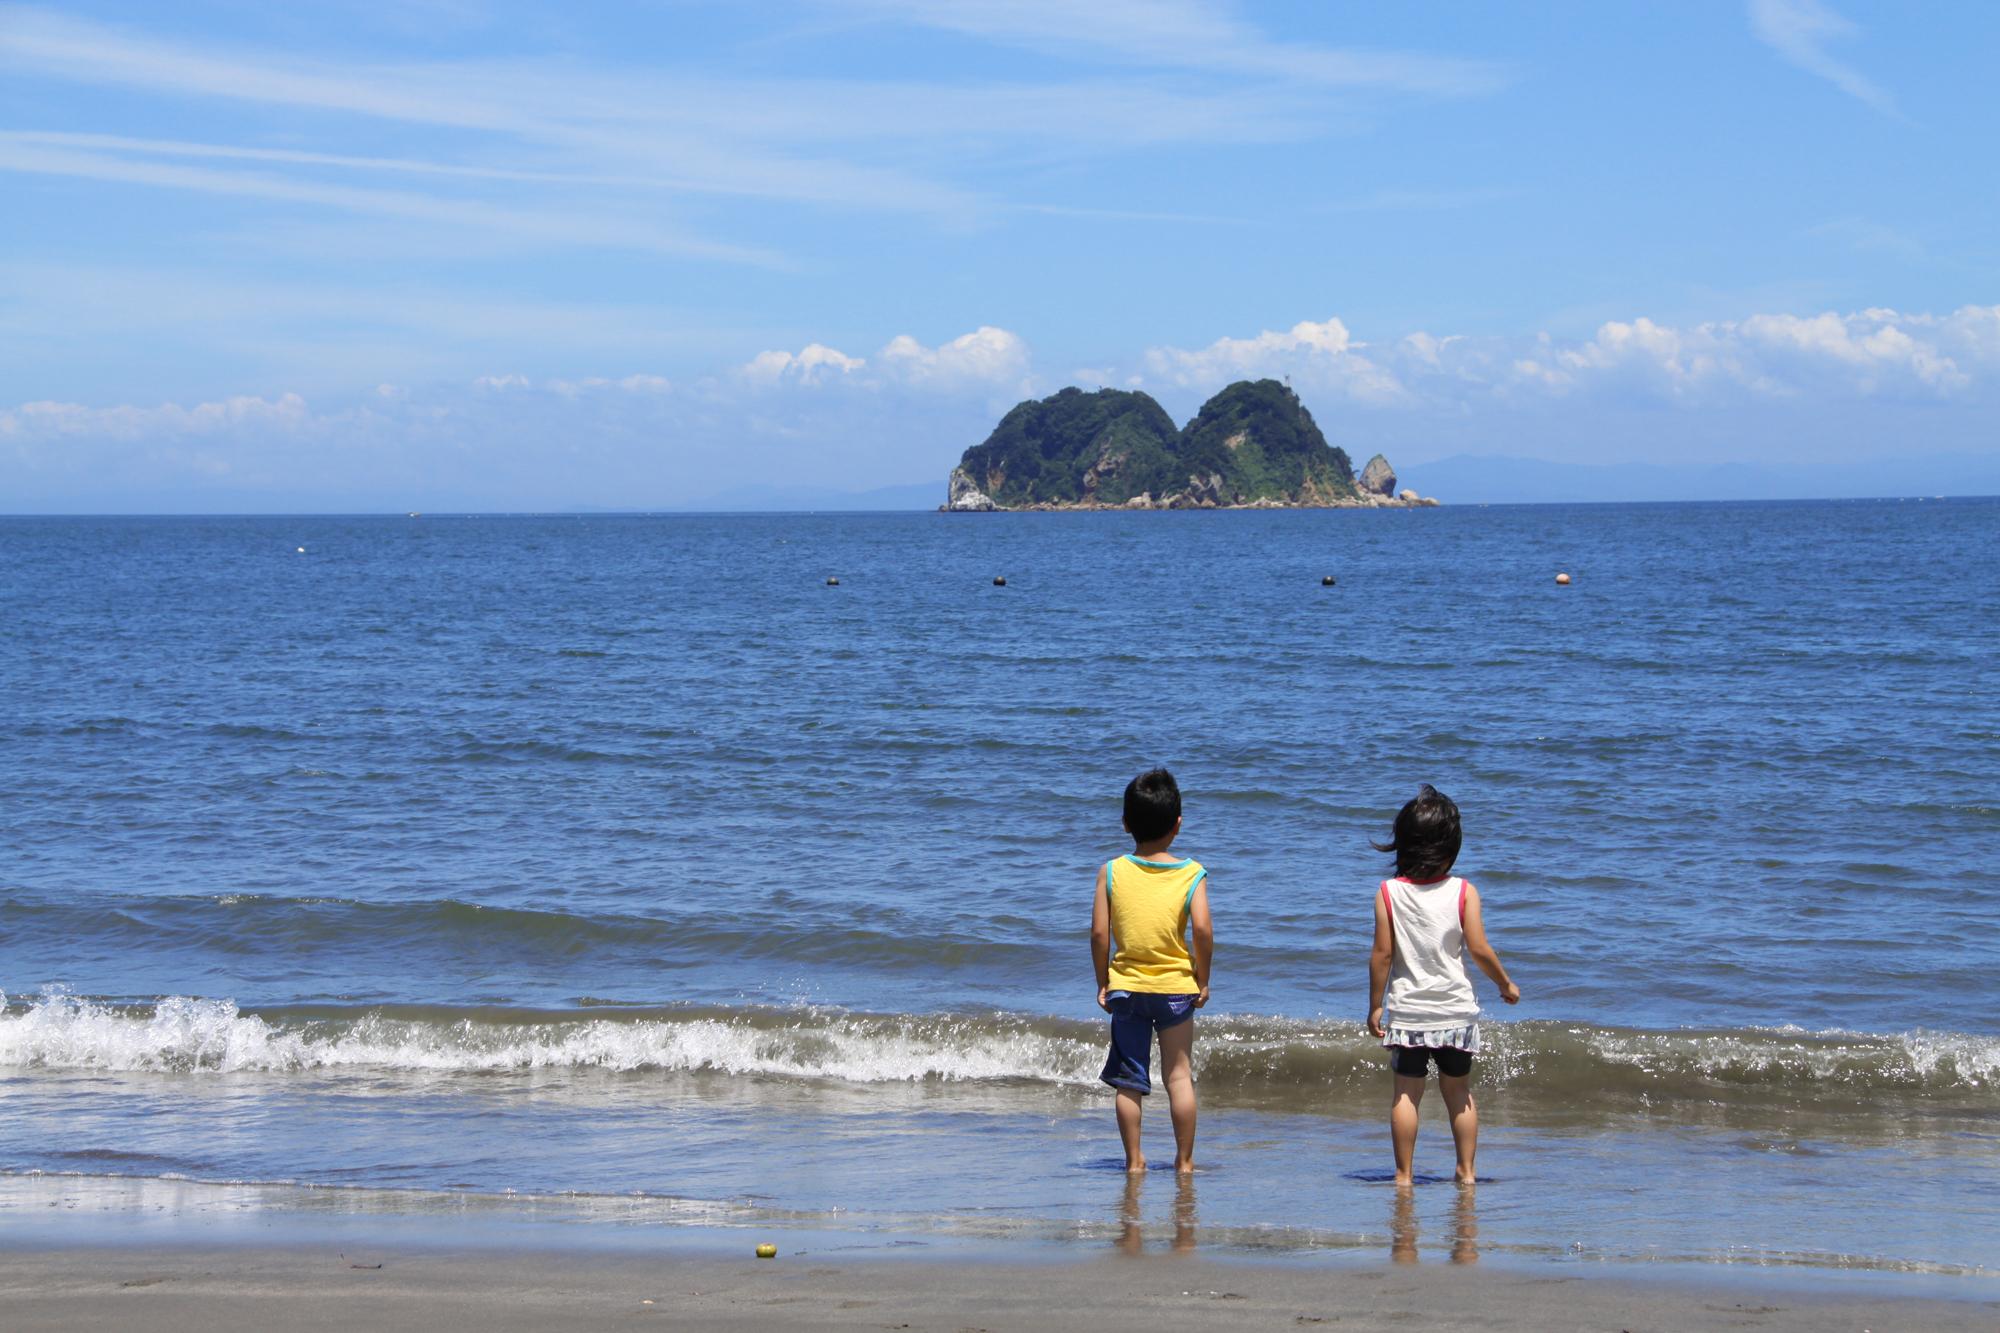 夏日はおやこで水遊びにいこう! Vol.3 とくしまの海水浴場6選♪